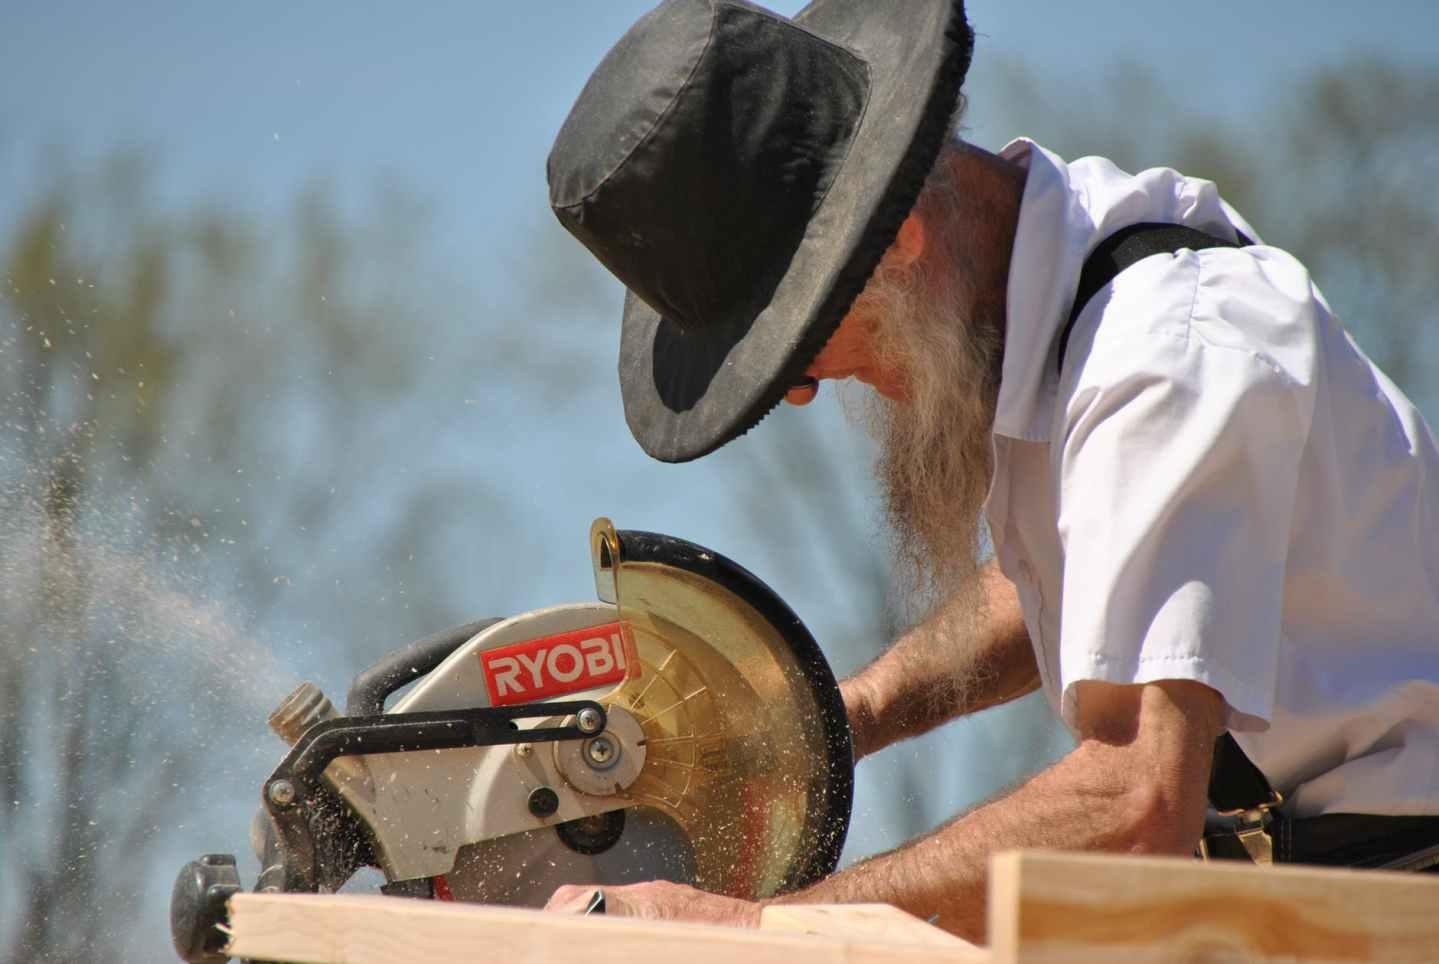 wood man people industry